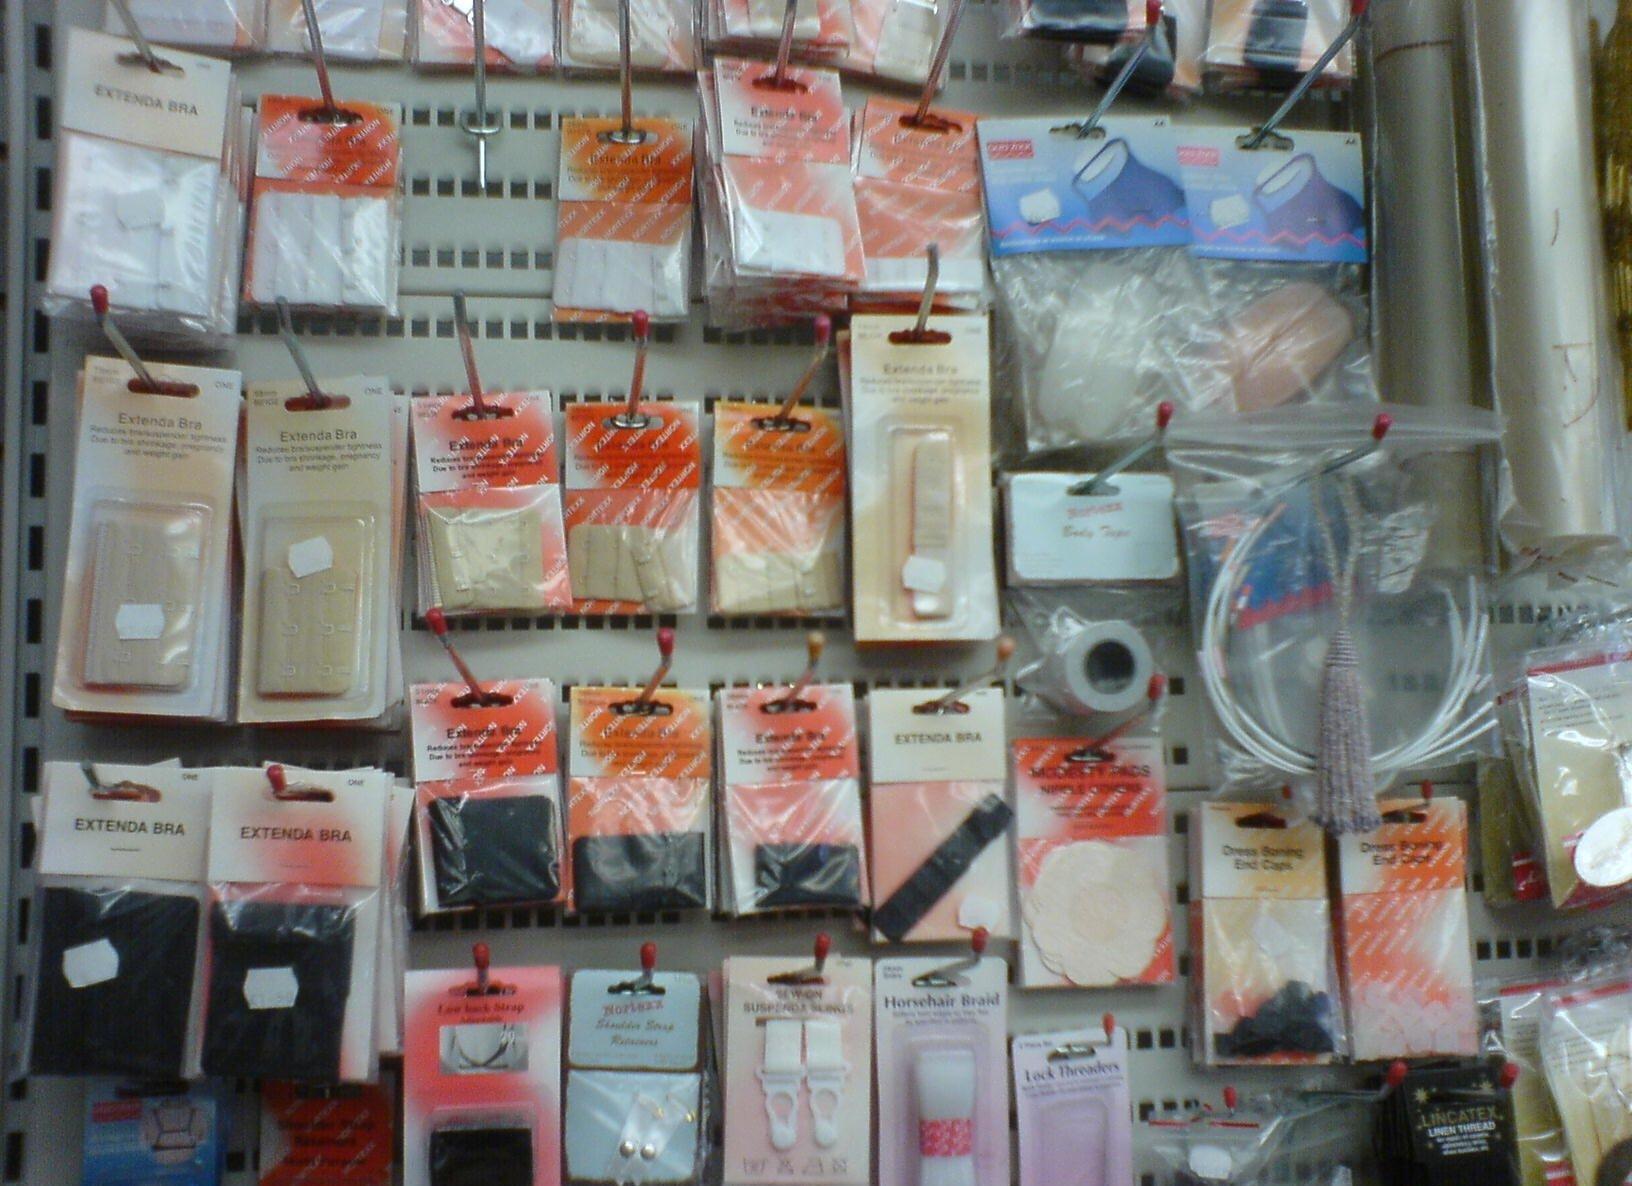 Bra accessories and straps